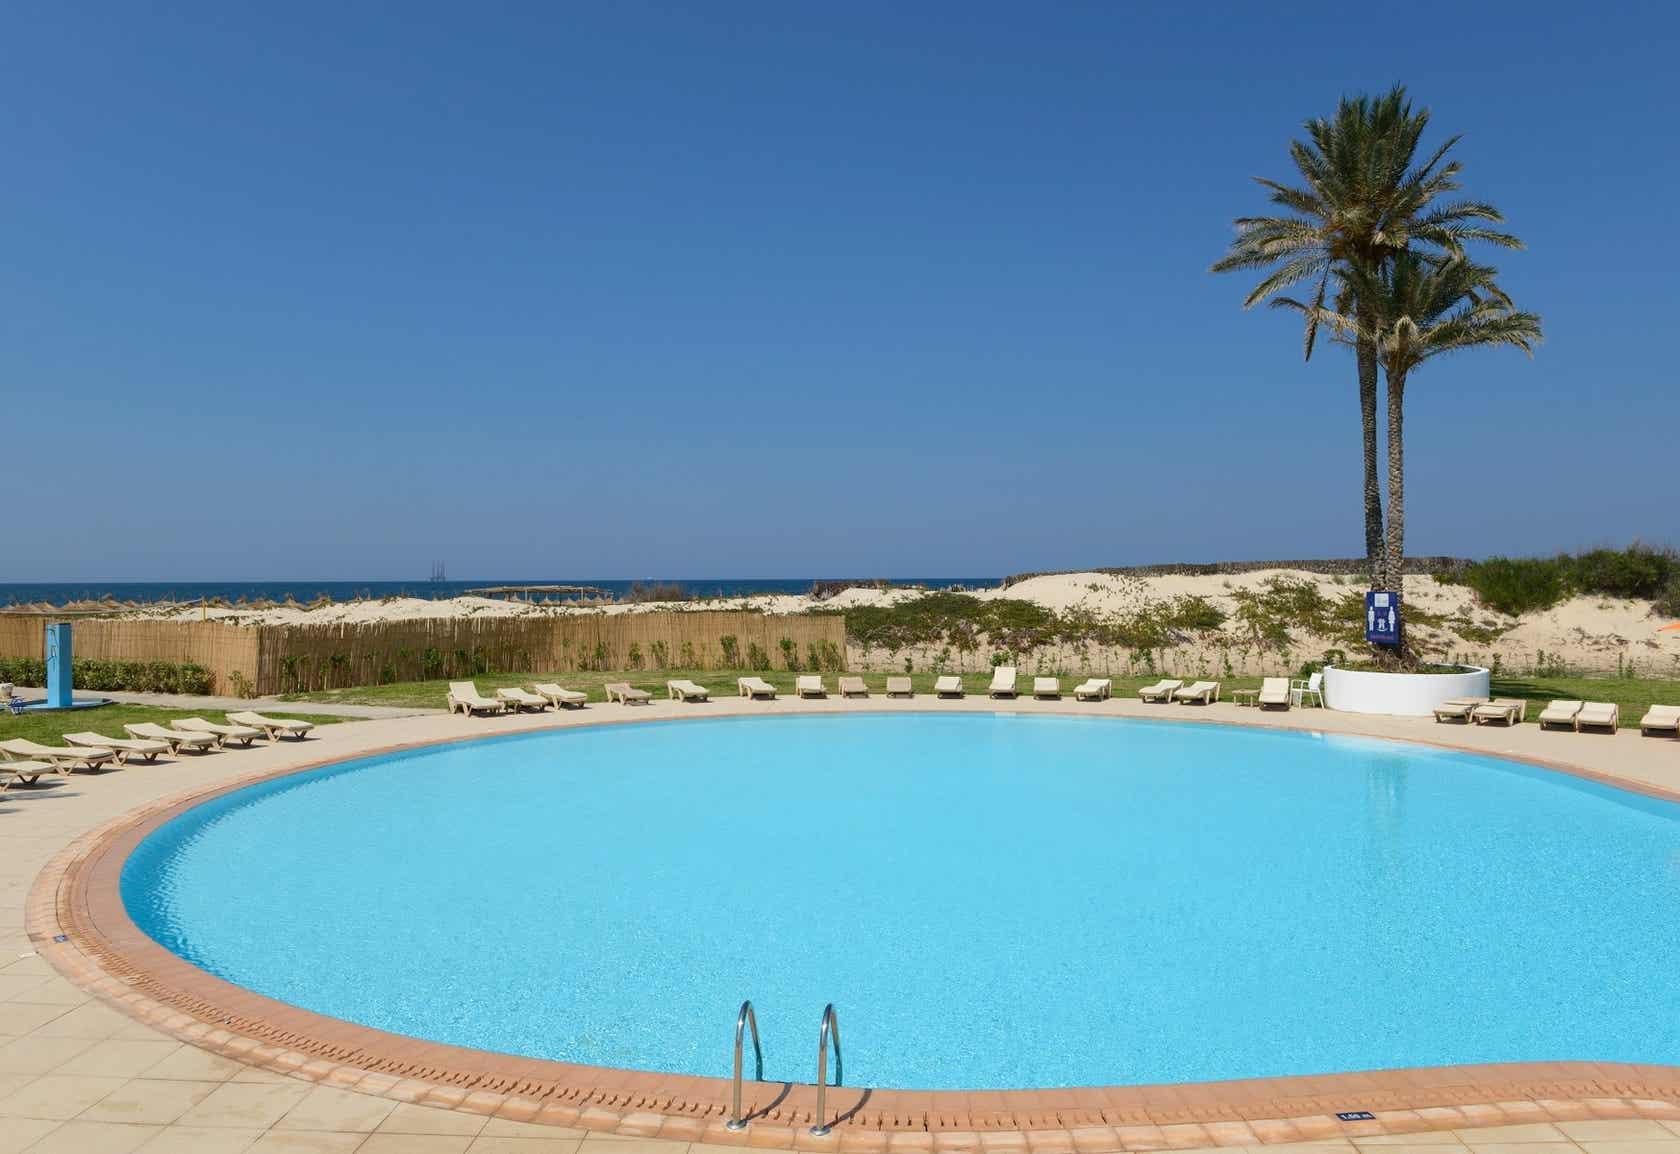 One Resort Aqua Park and spa Monastir